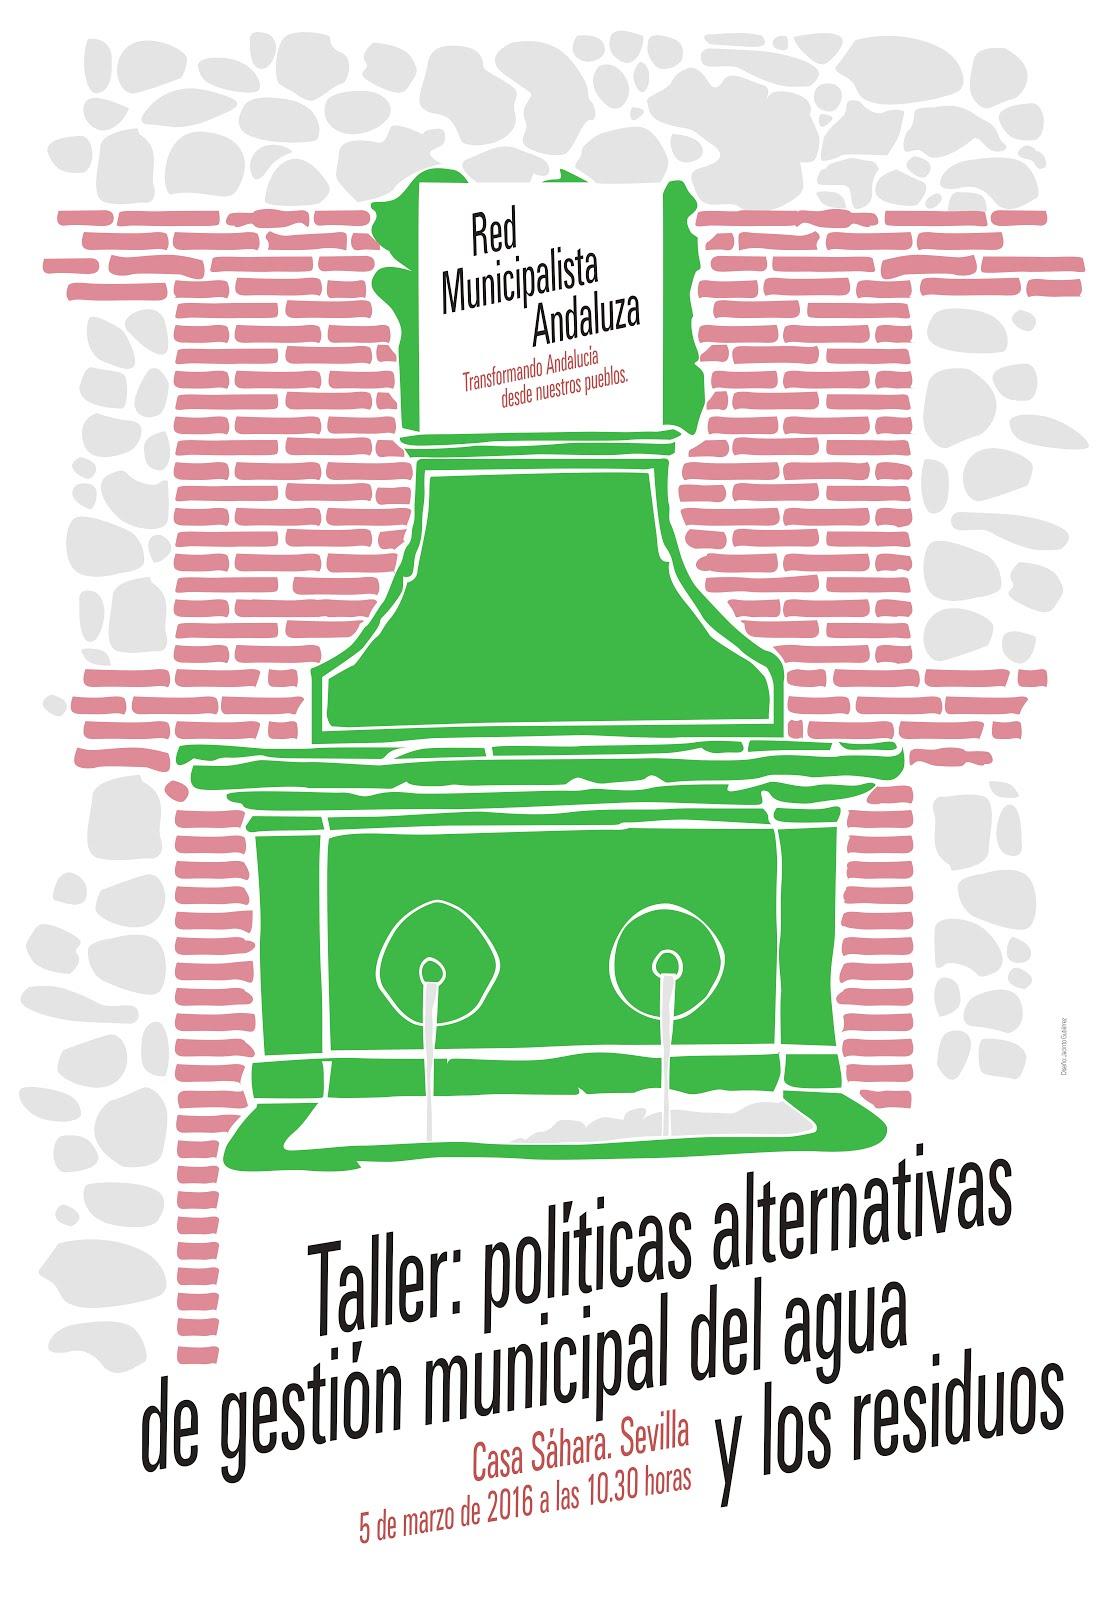 Taller: políticas alternativas de gestión municipal del agua y los residuos